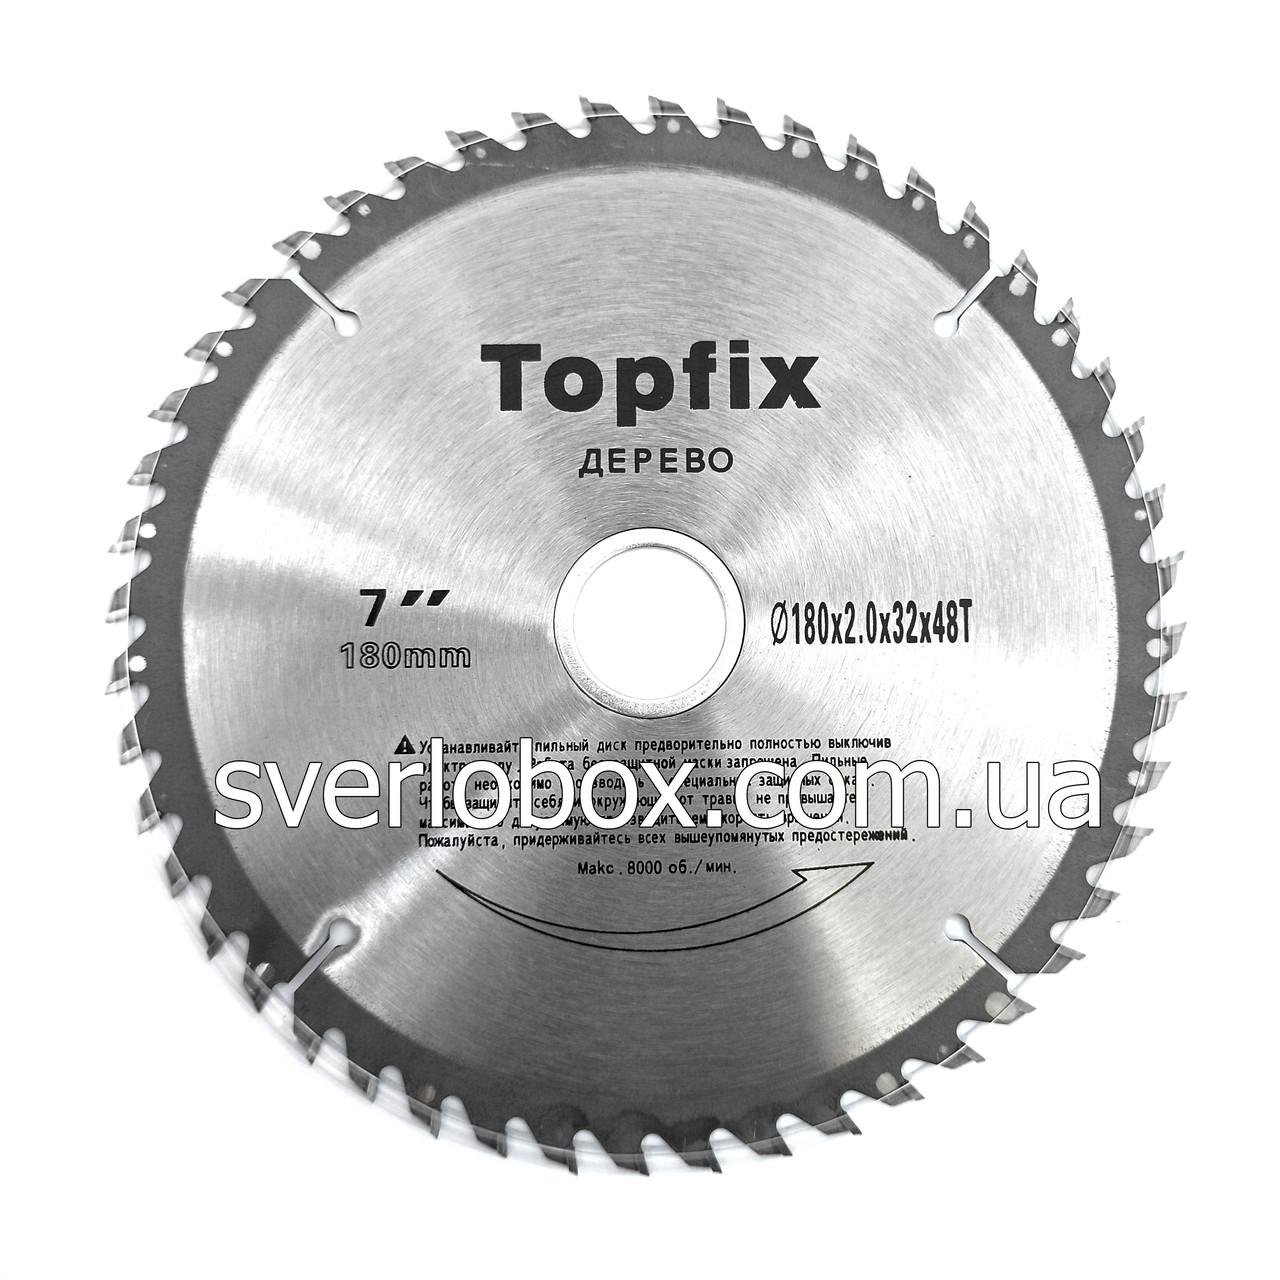 Пильный диск по дереву TopFix 300*32*24Т